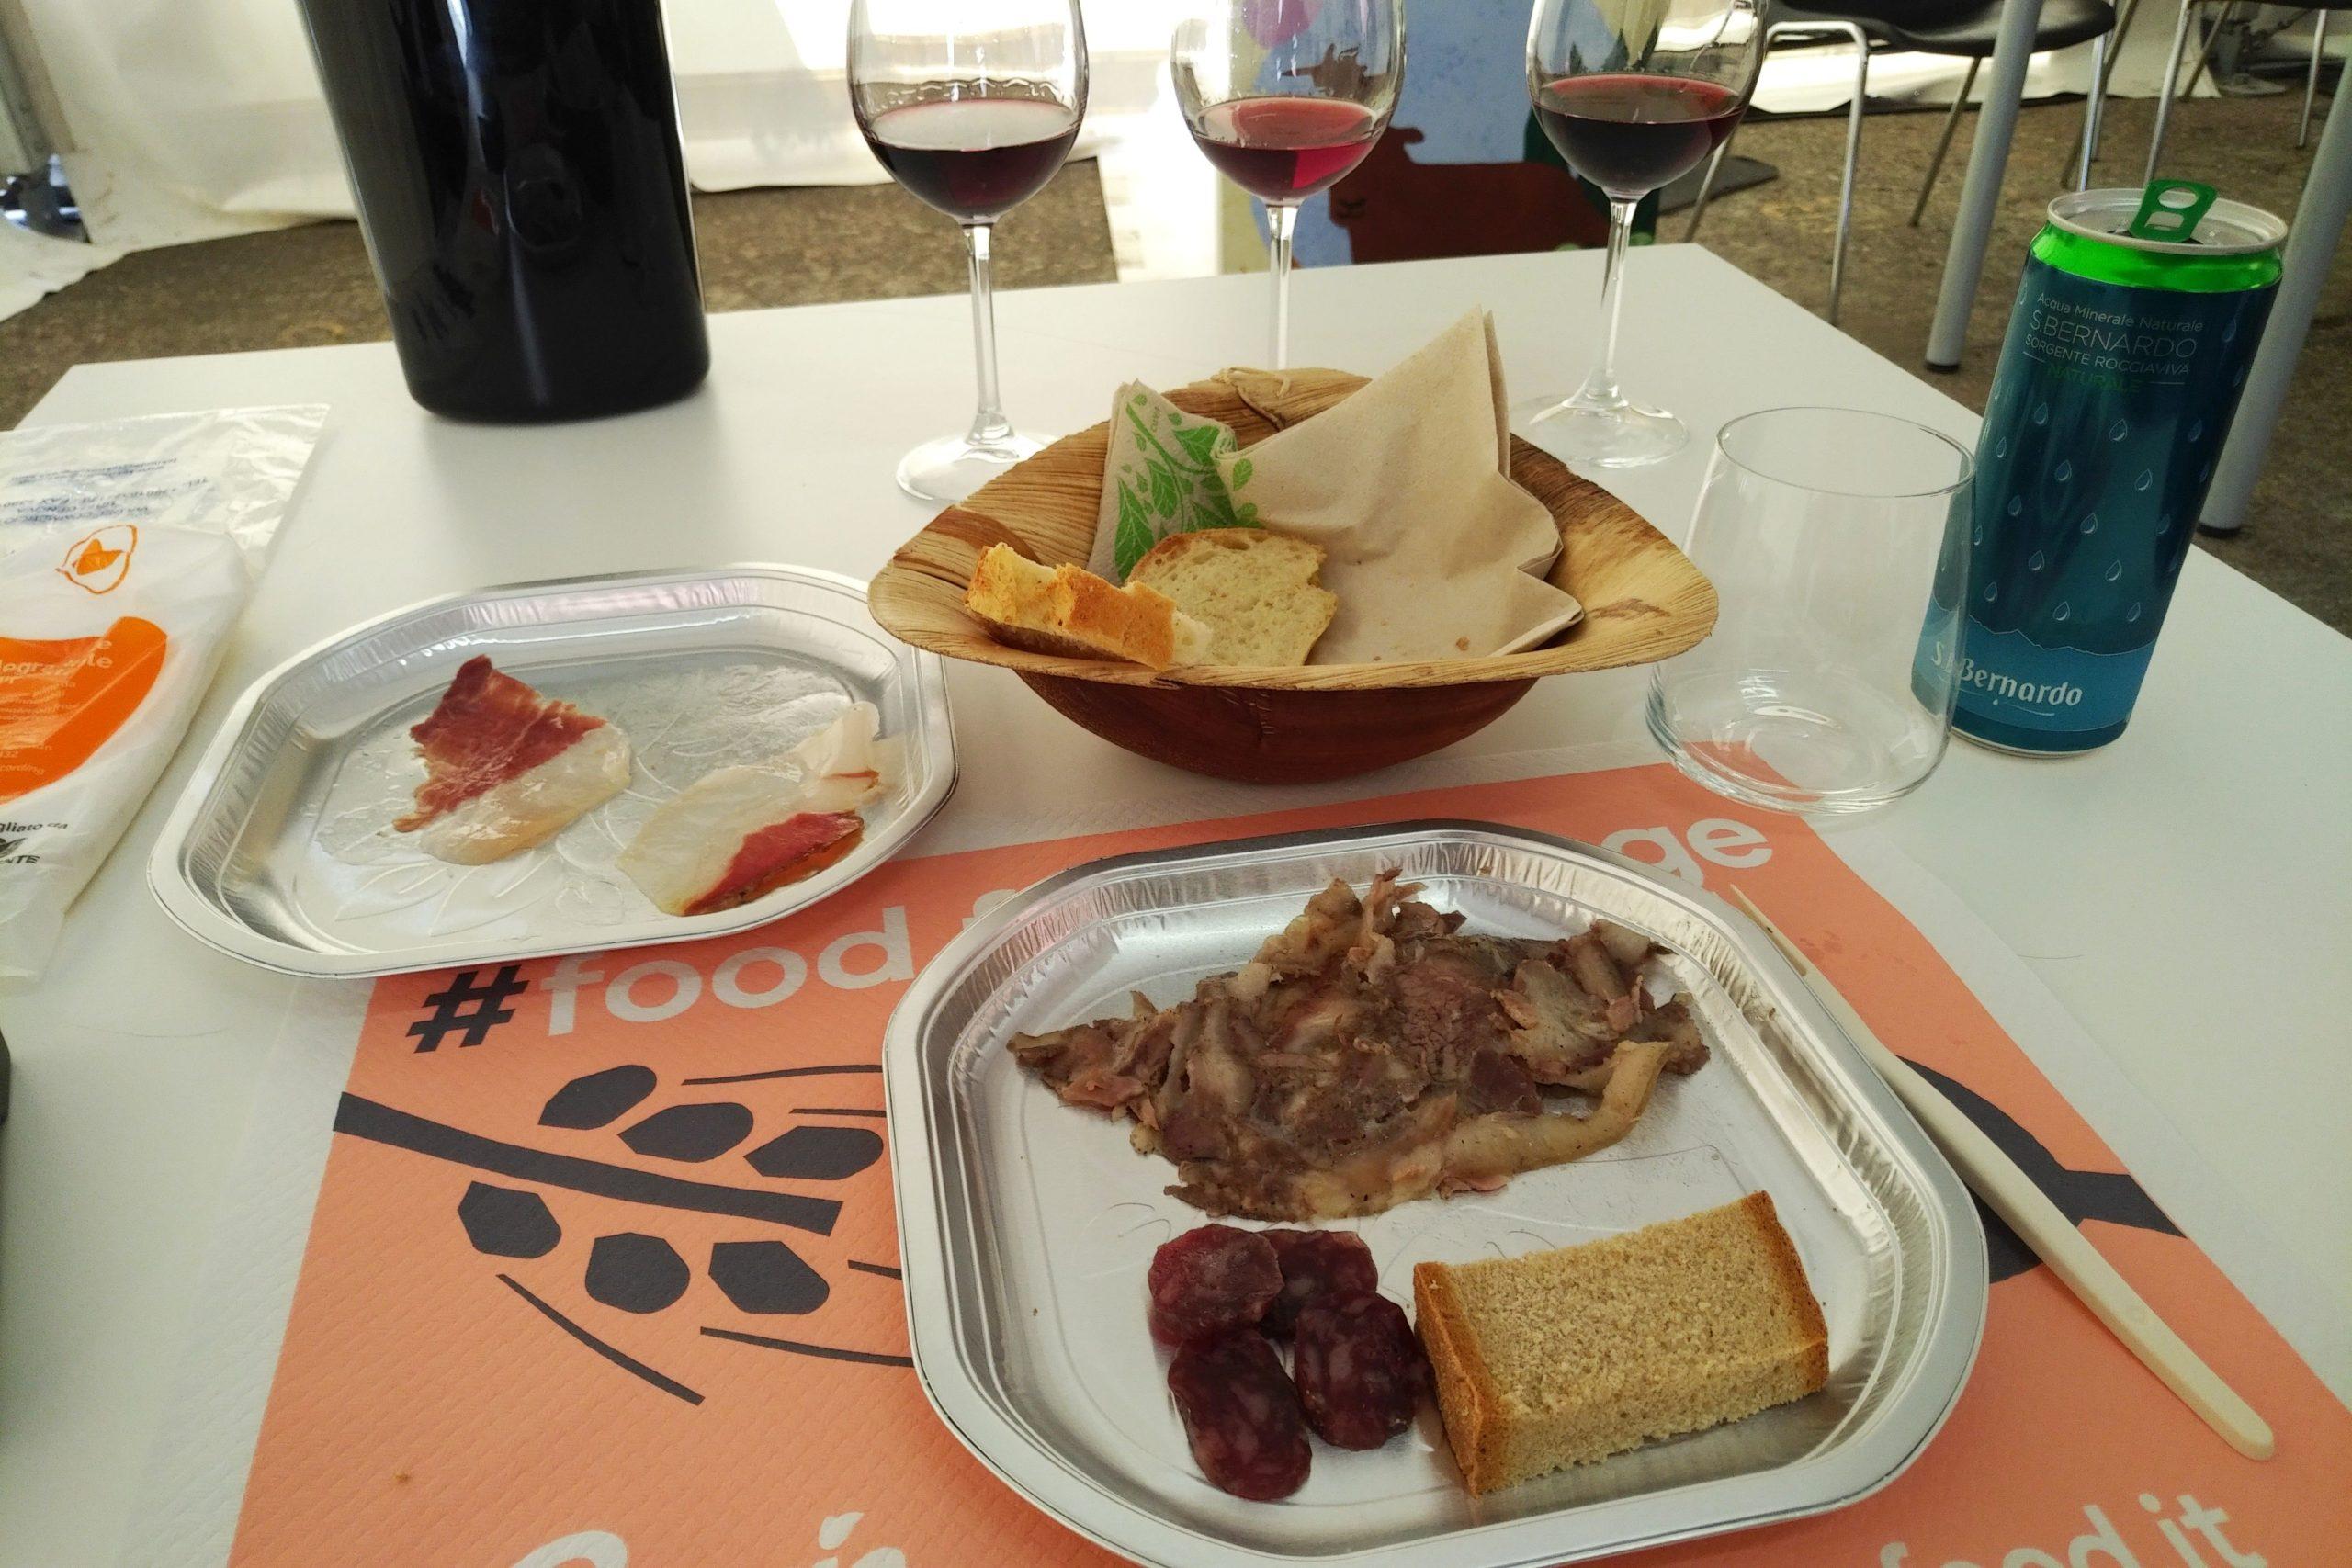 Soppressata i suszona kiełbasa zdodatkiem czerwonego wina, Cheese 2021